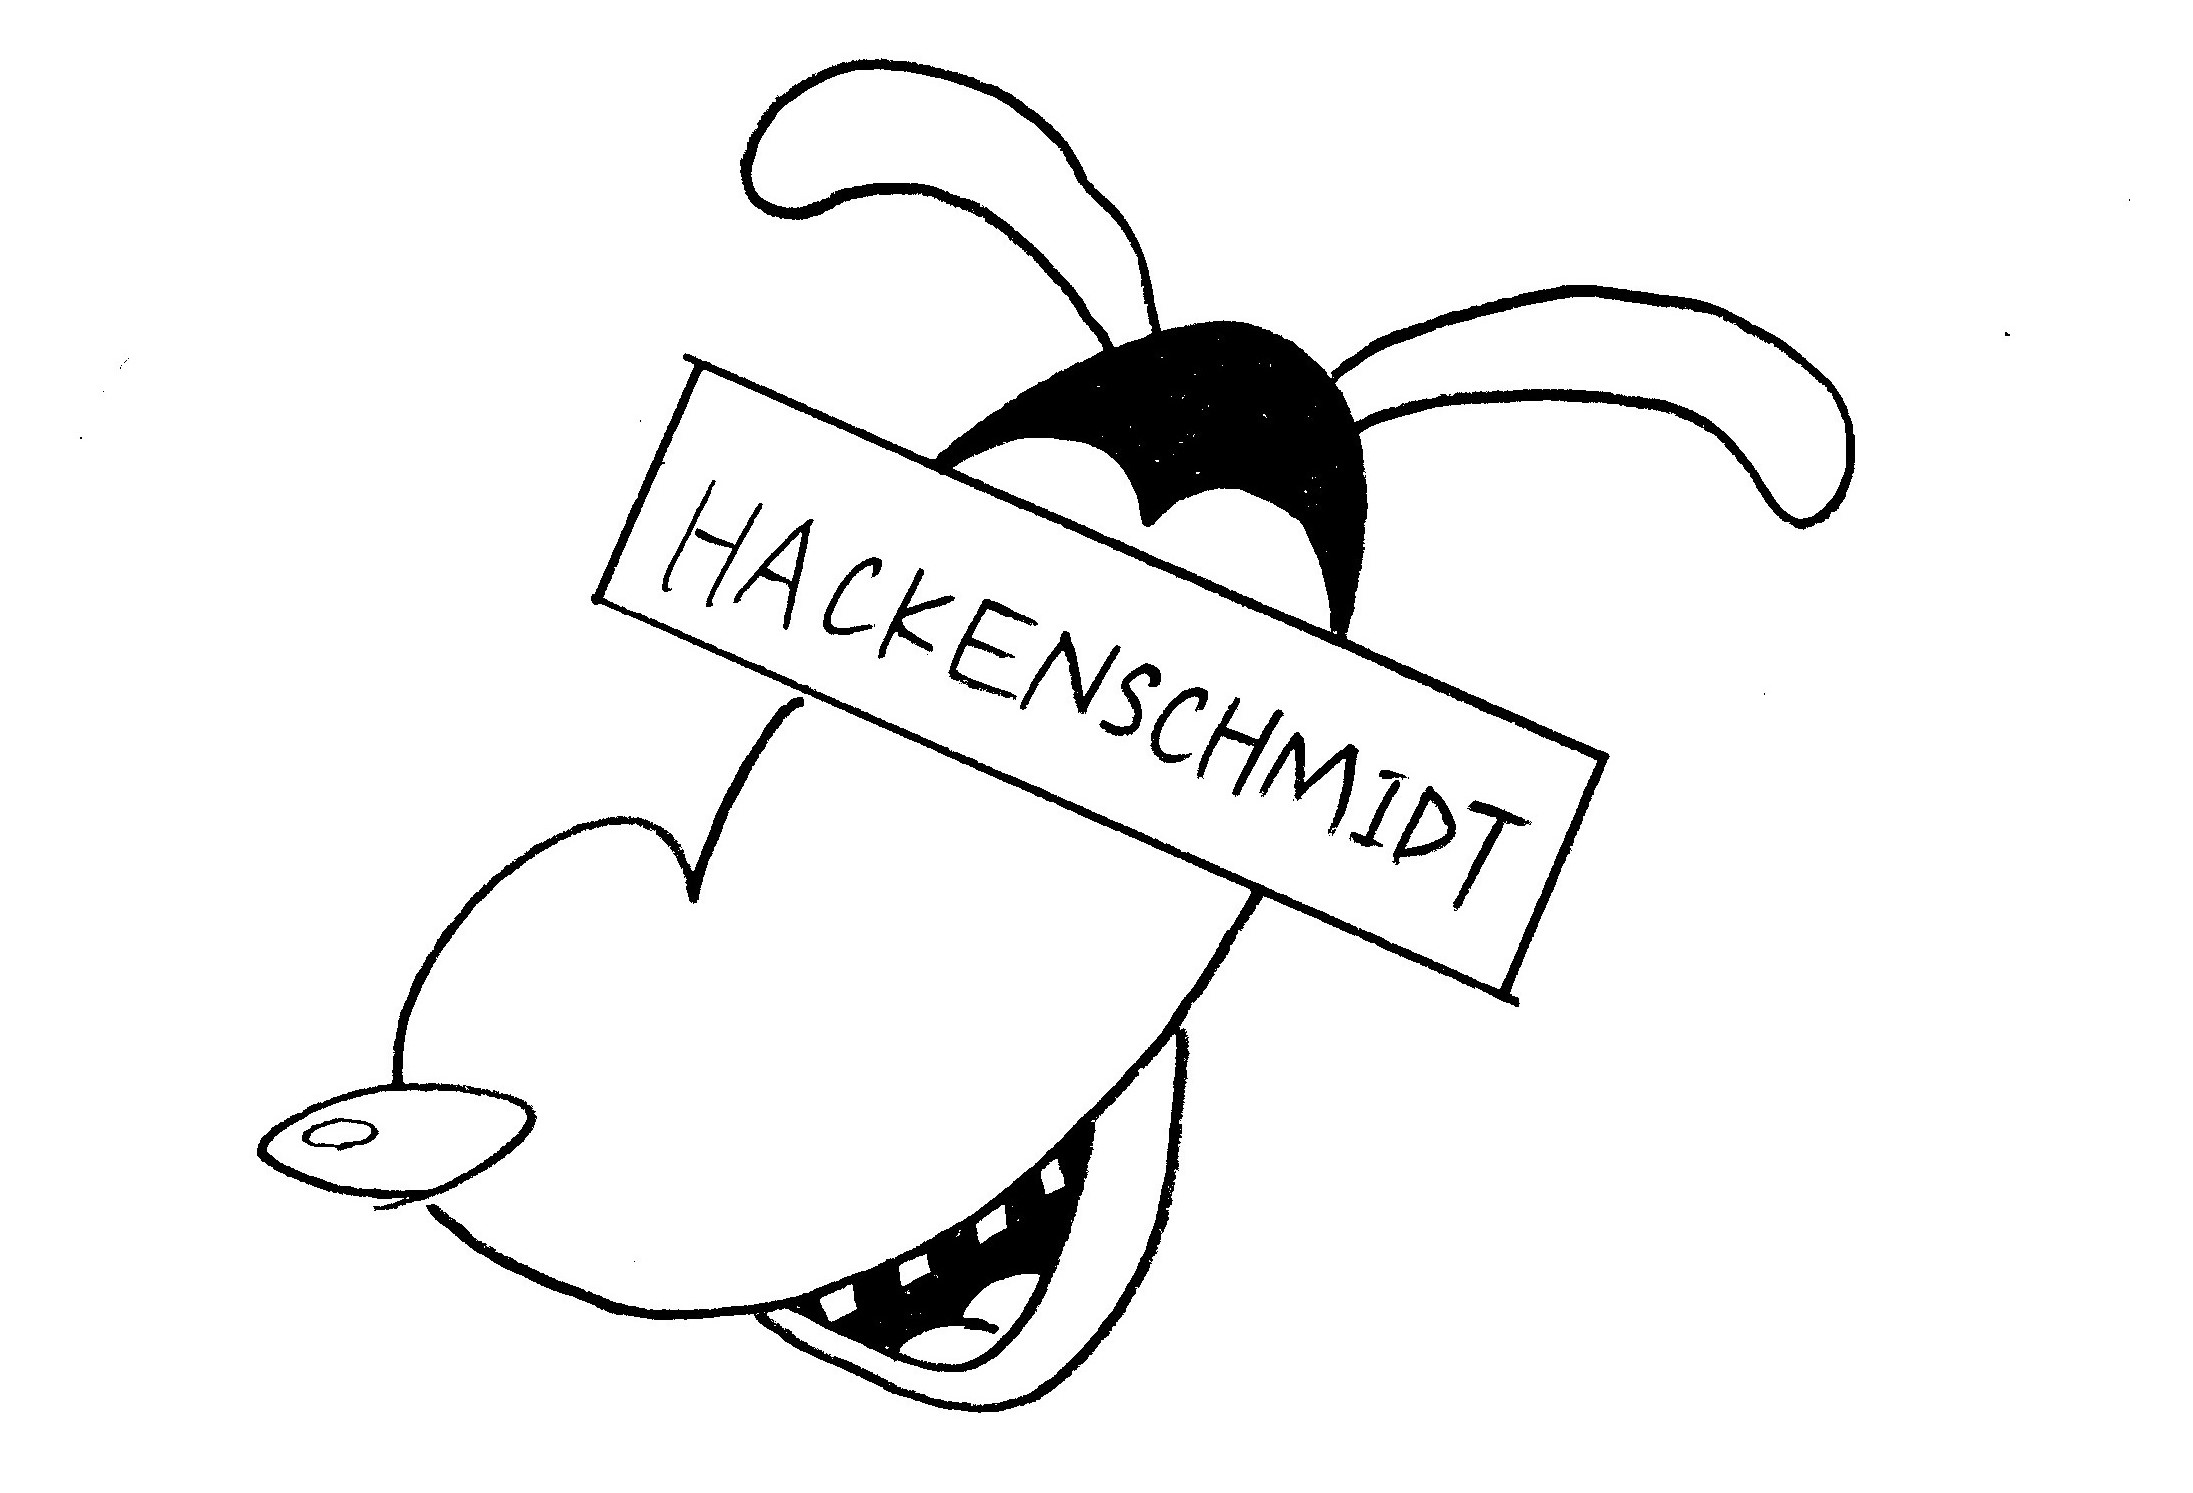 HACKENSCHMIDT